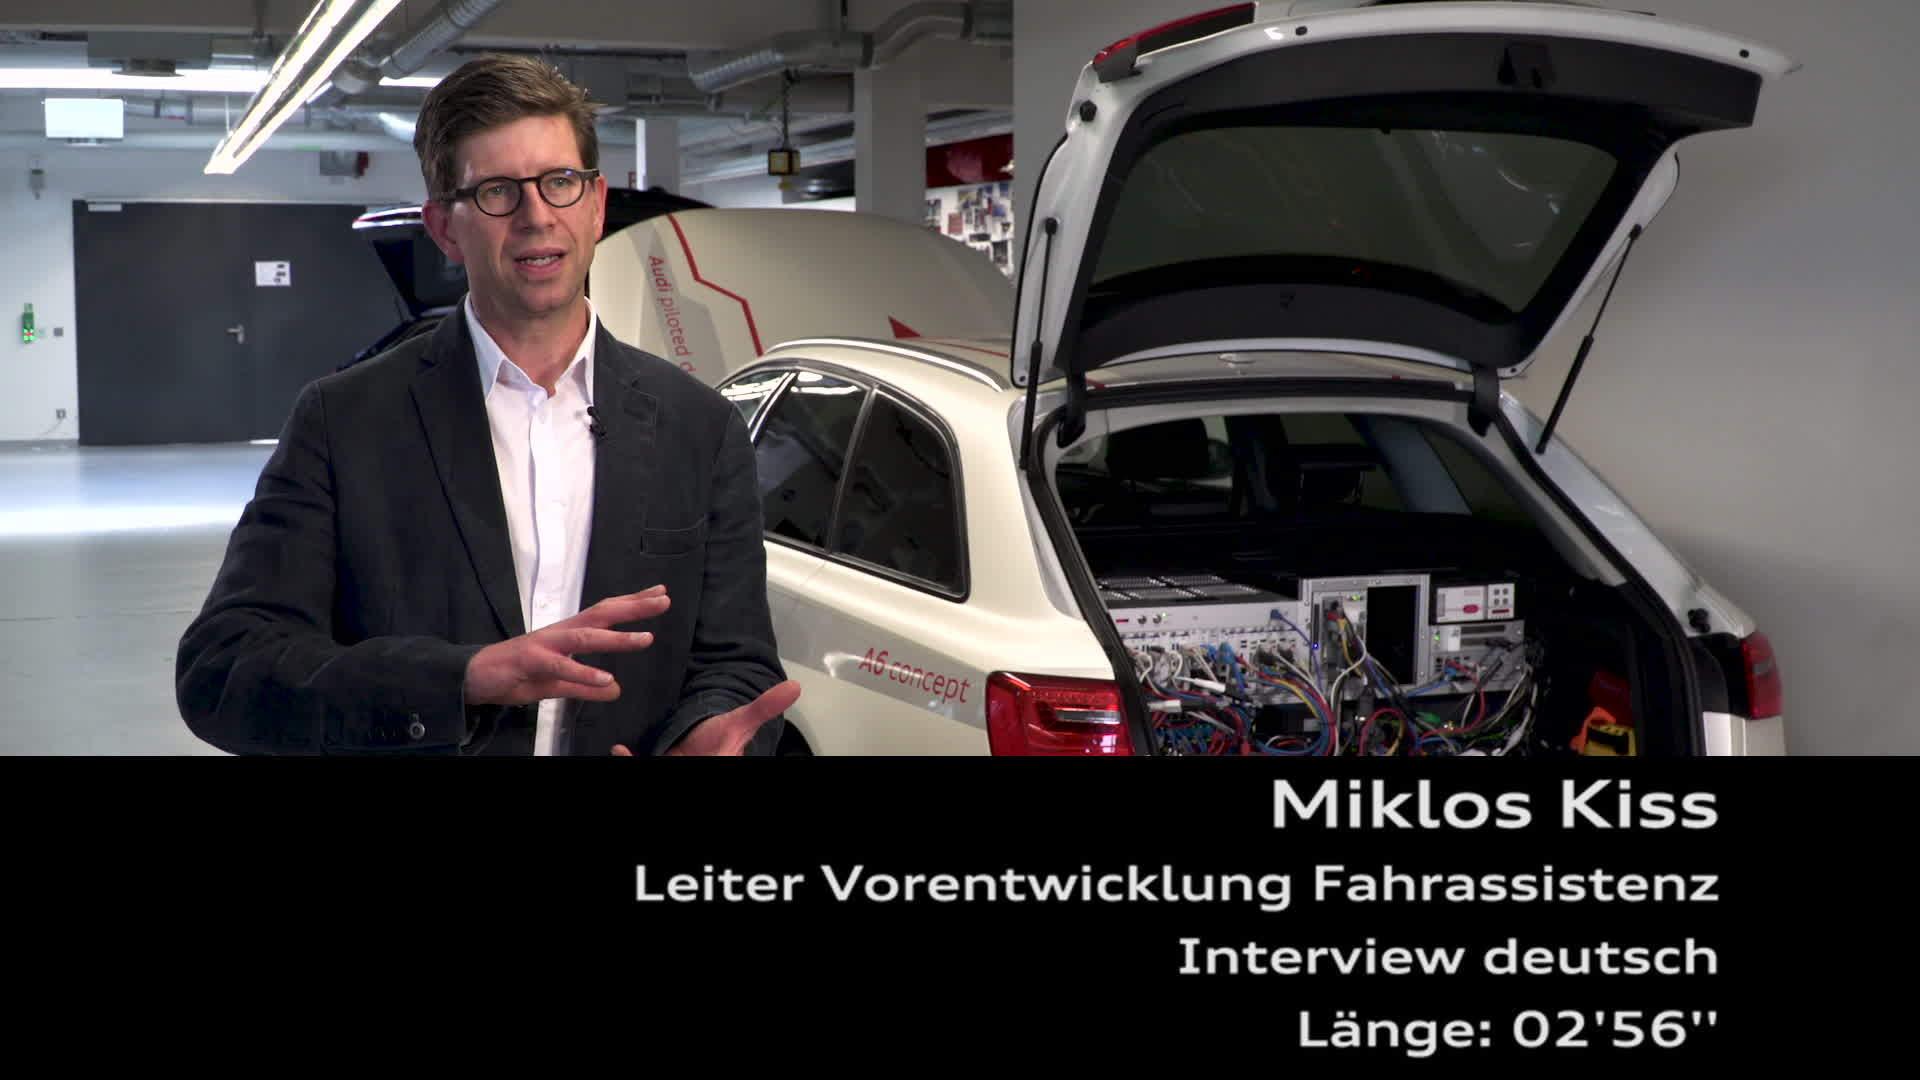 Experteninterview mit Miklos Kiss zum Thema pilotiertes Fahren